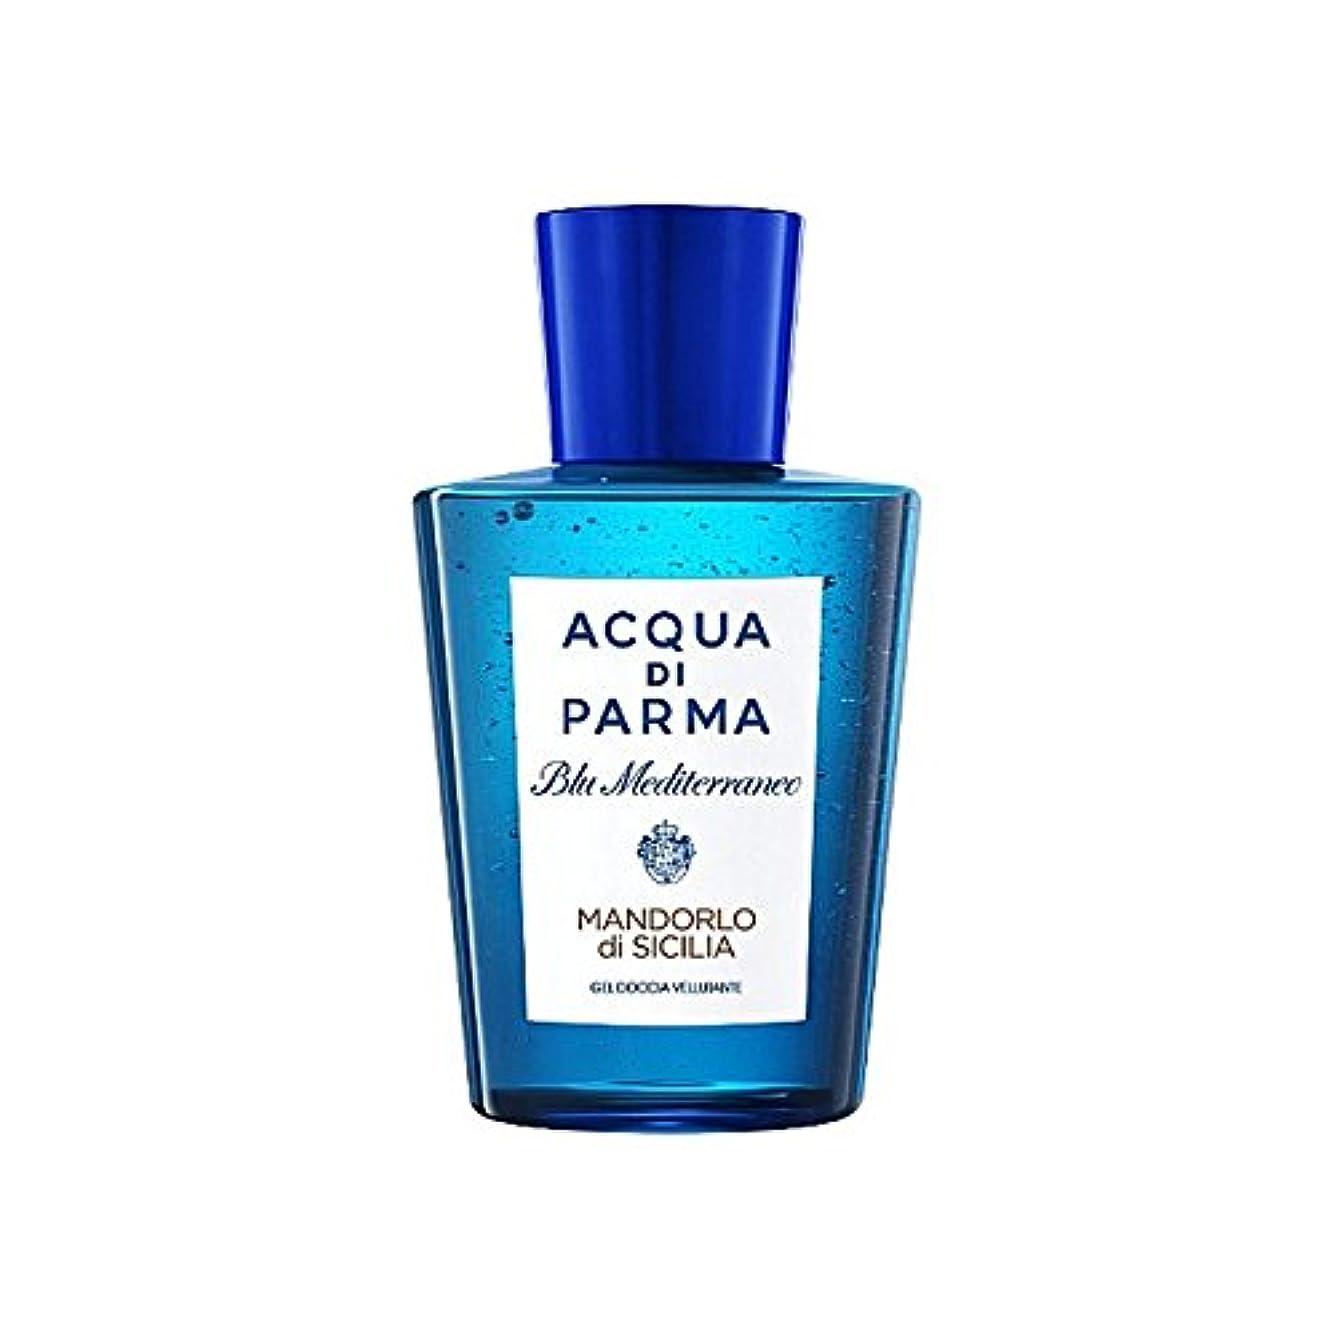 理論下位一瞬Acqua Di Parma Blu Mediterraneo Mandorlo Di Sicilia Shower Gel 200ml - アクアディパルマブルーメディマンドルロディシチリアシャワージェル200 [並行輸入品]